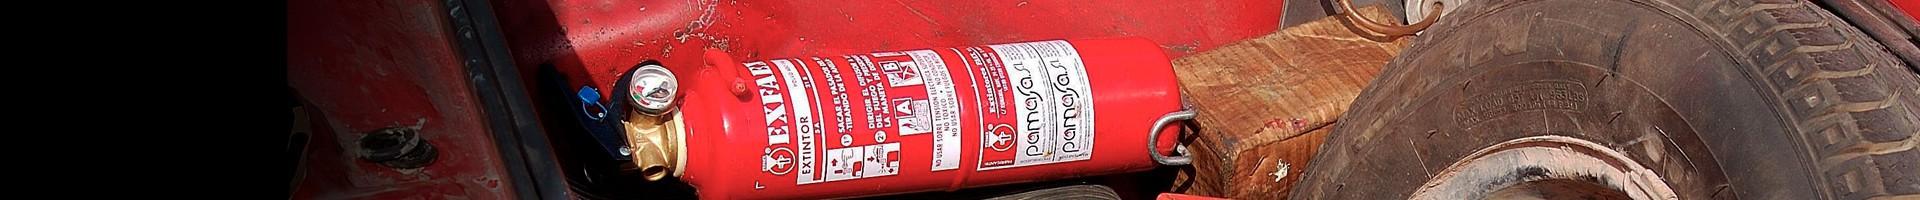 Accesorios Seguridad y Extintores